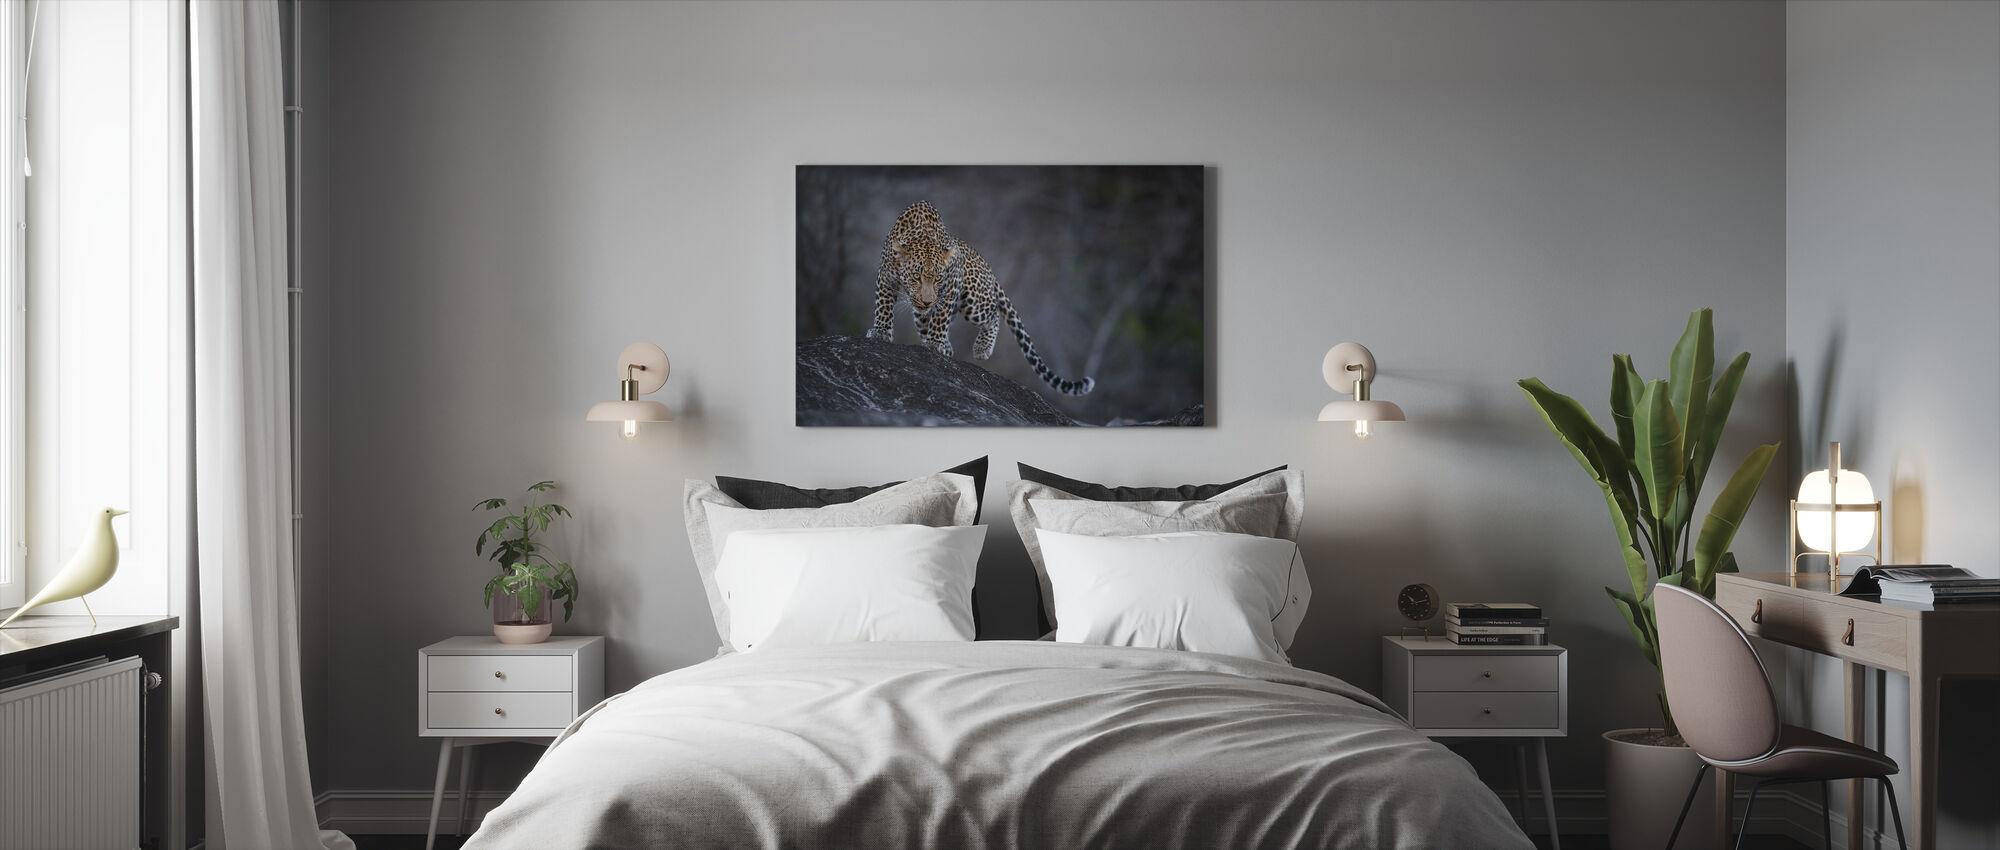 Luipaard op een rots - Canvas print - Slaapkamer